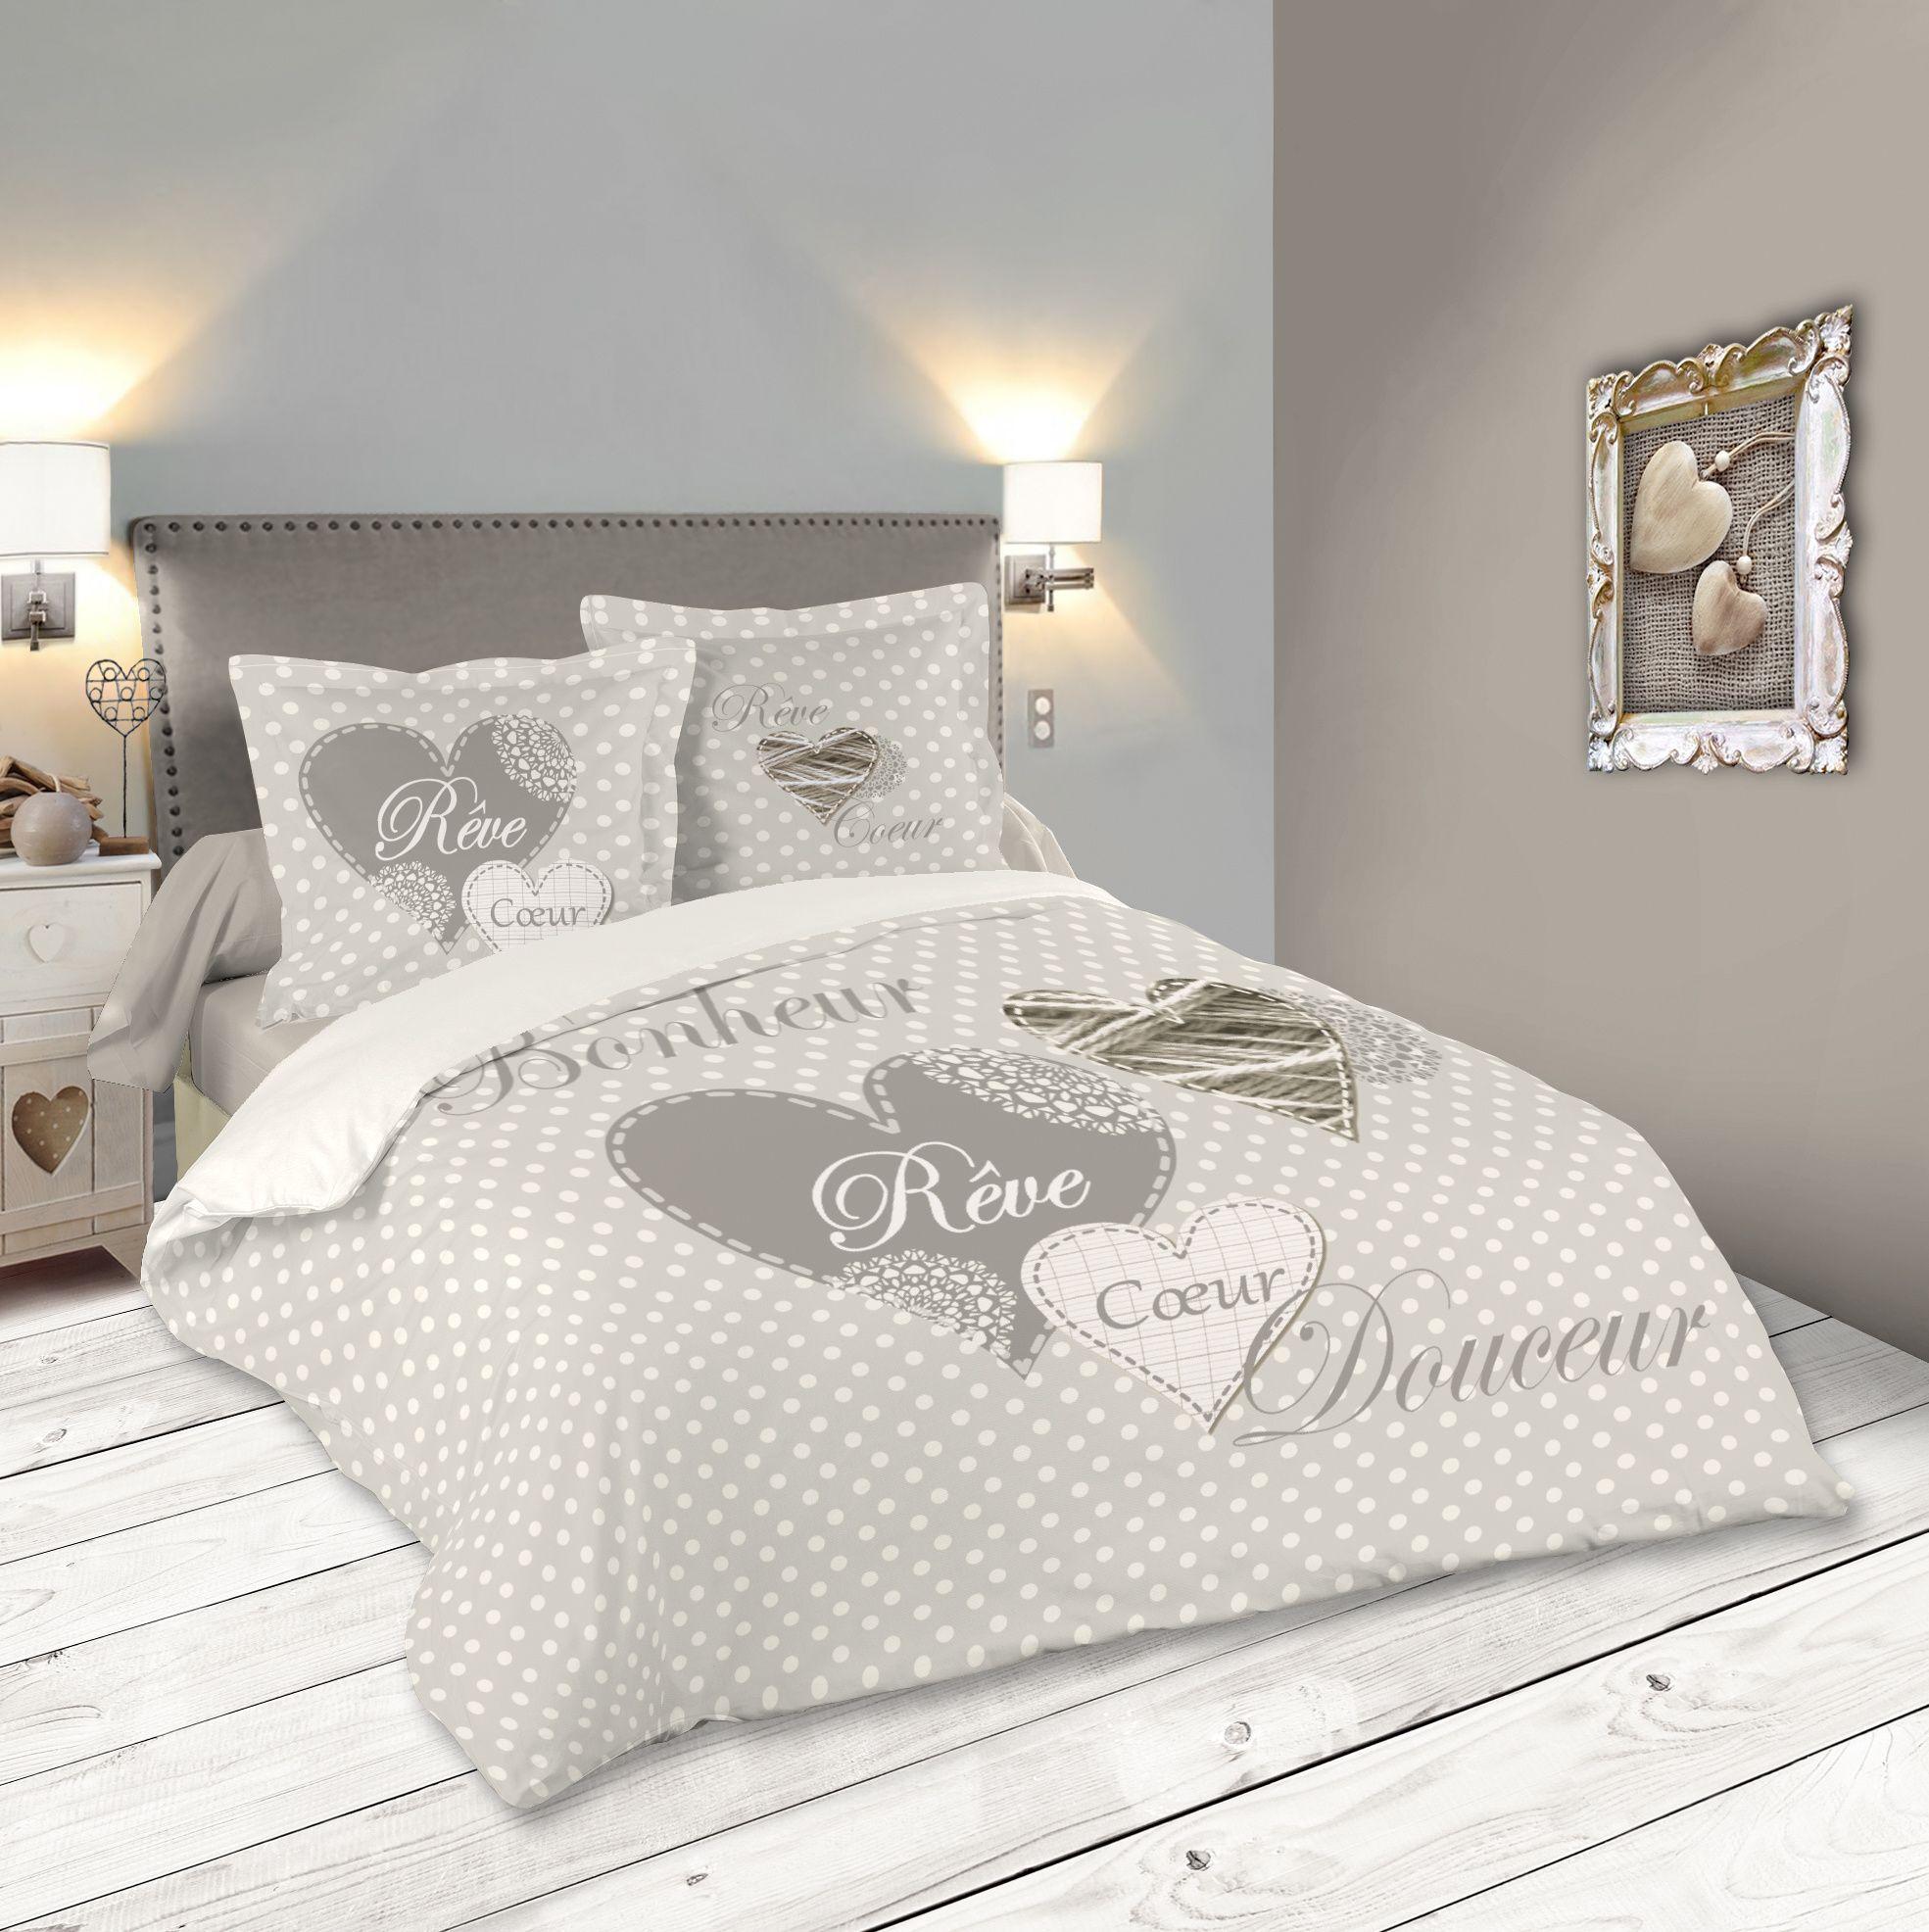 Parure De Lit Romantique Motif Coeur 260x240cm Housse De Couette 2 Taies 63x63cm Lyna Parure De Lit Lit Romantique Housse De Couette